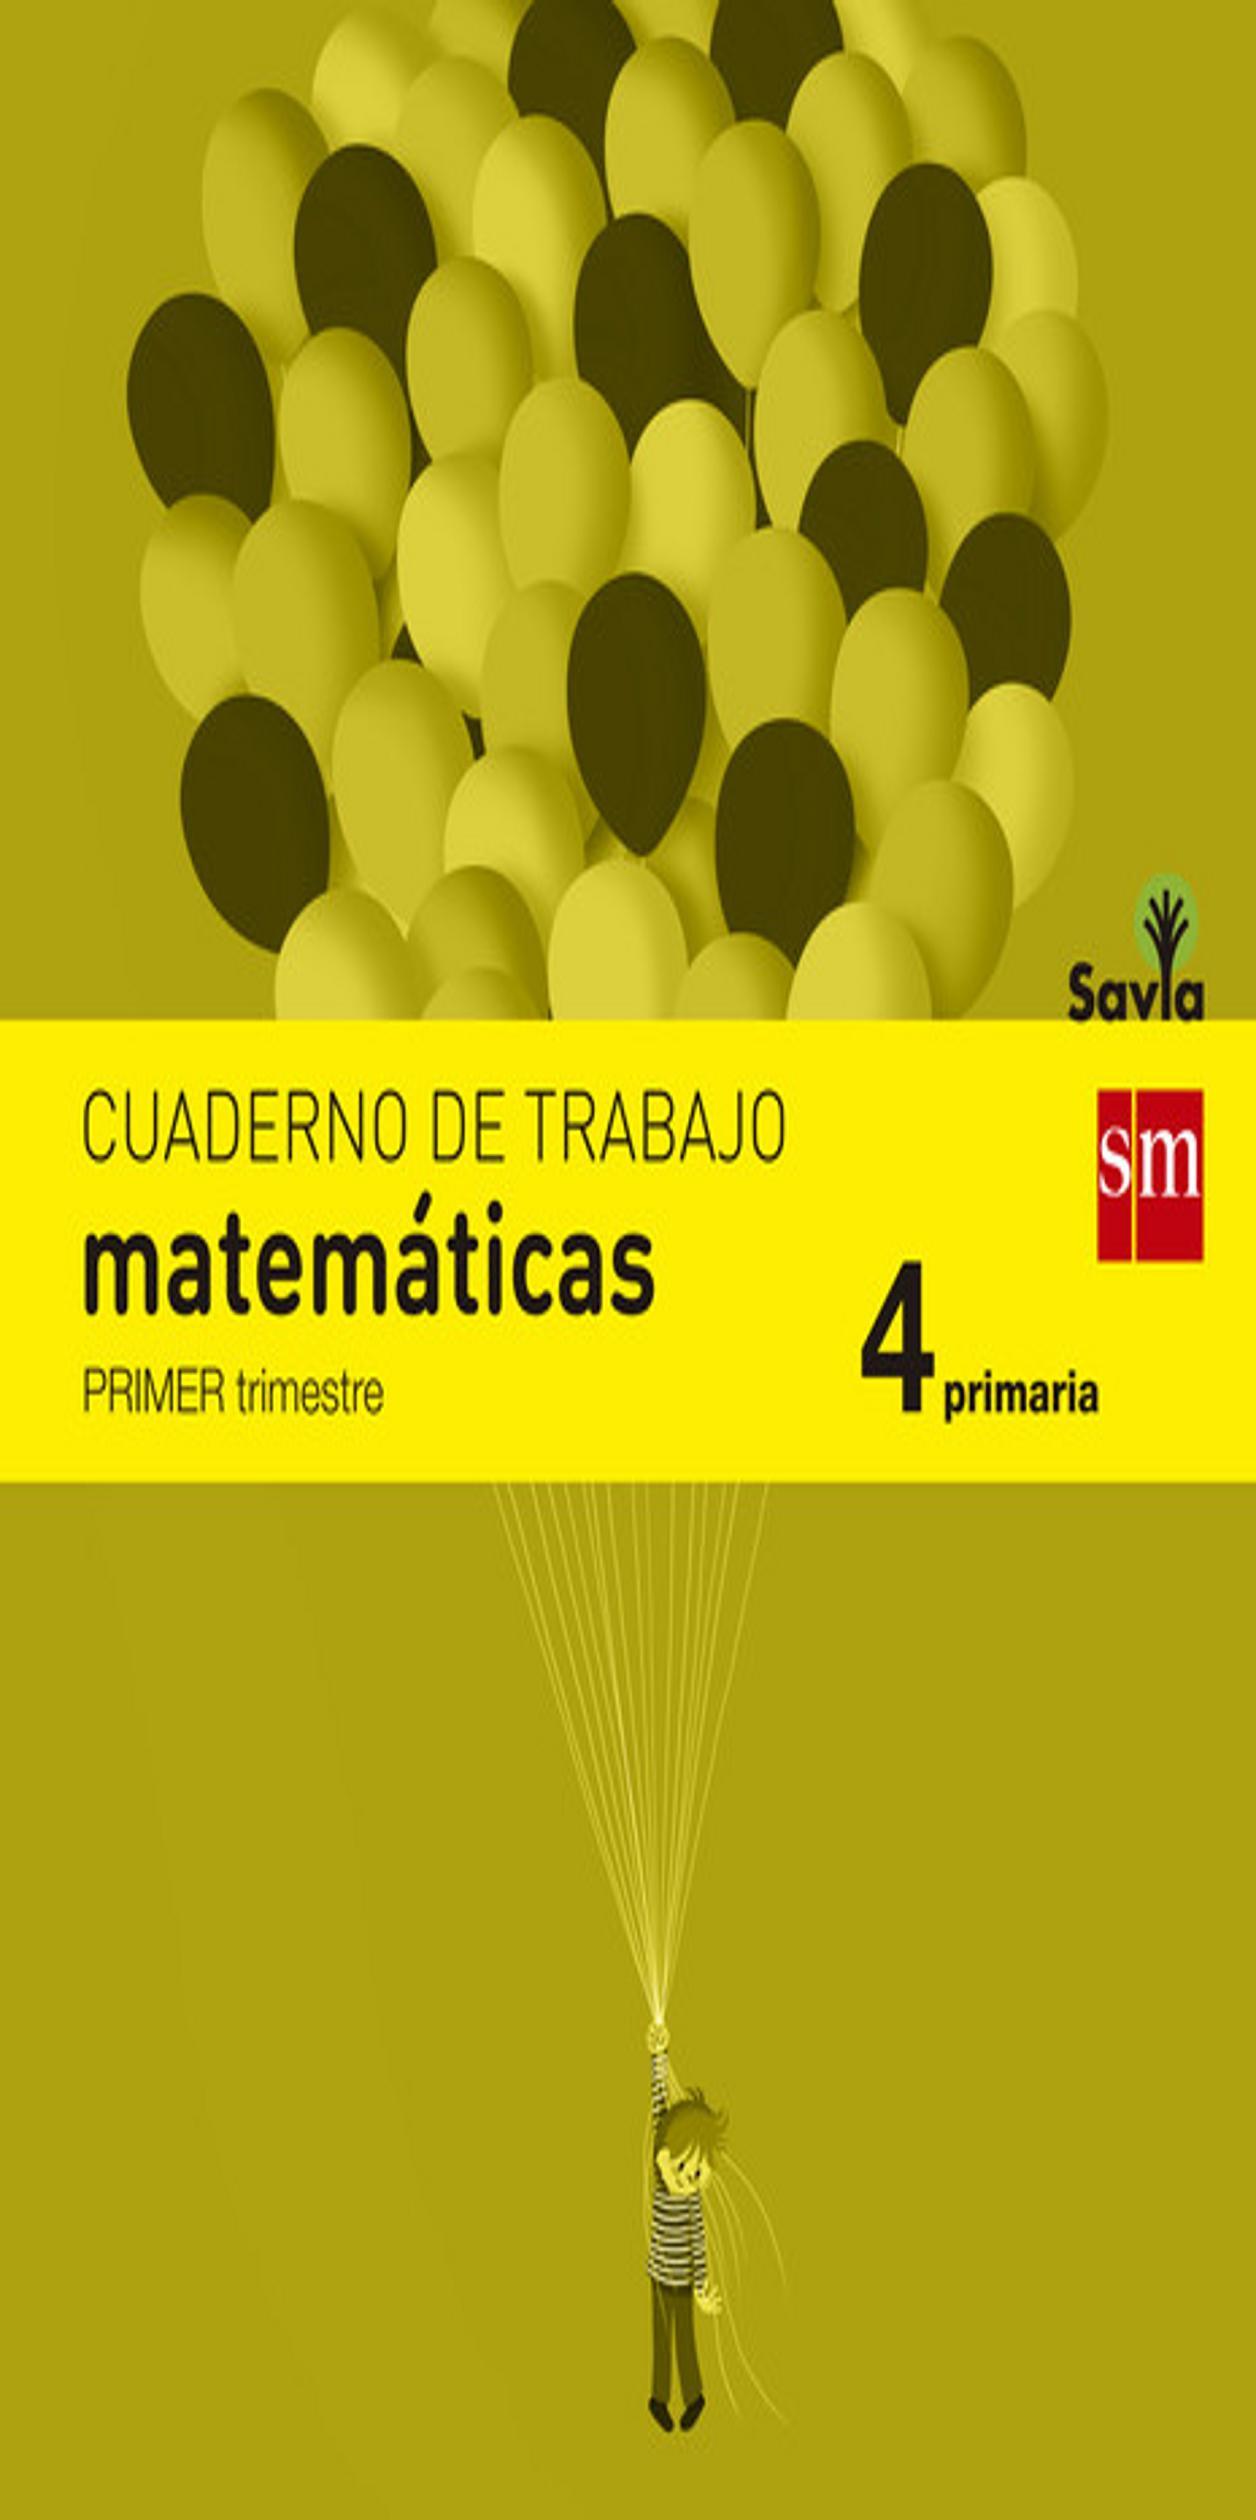 CUADERNO MATEMÁTICAS 4º PRIM 1er Trimestre - Proyecto Savia